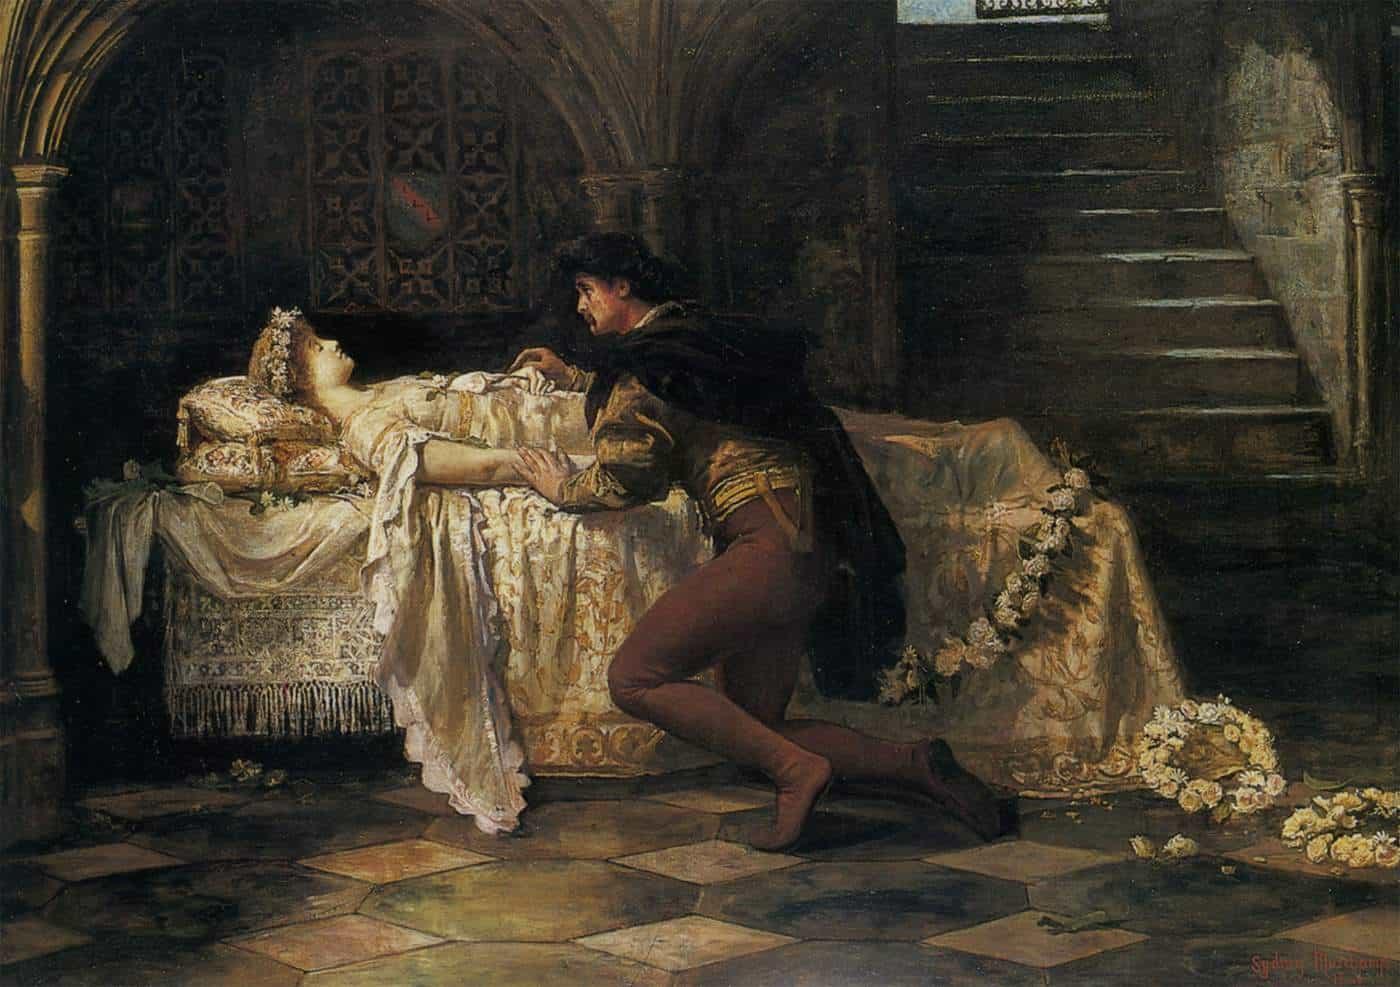 História de Romeu e Julieta: o que aconteceu com o casal?